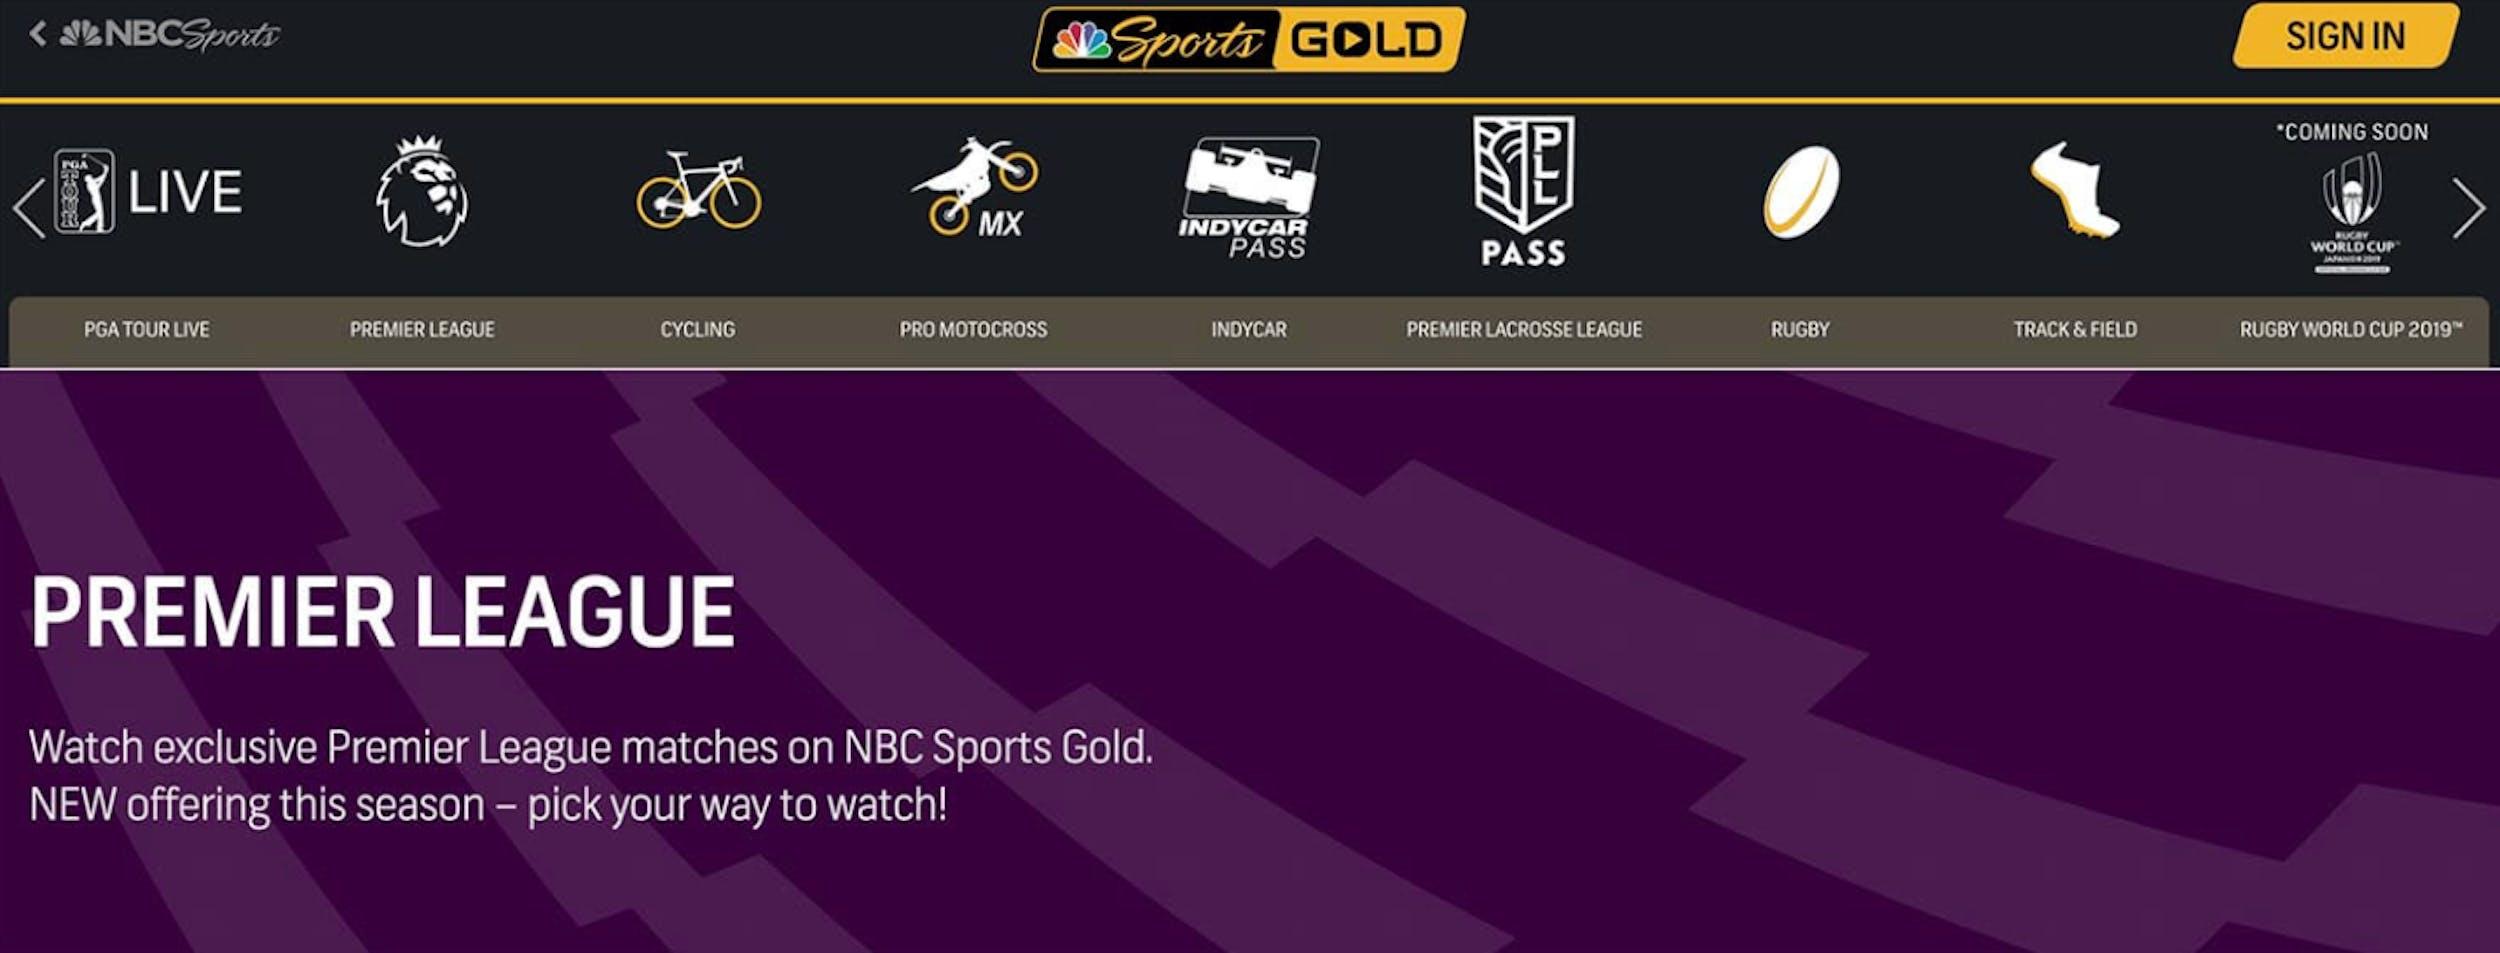 sheffield united vs manchester united live stream nbc sports gold